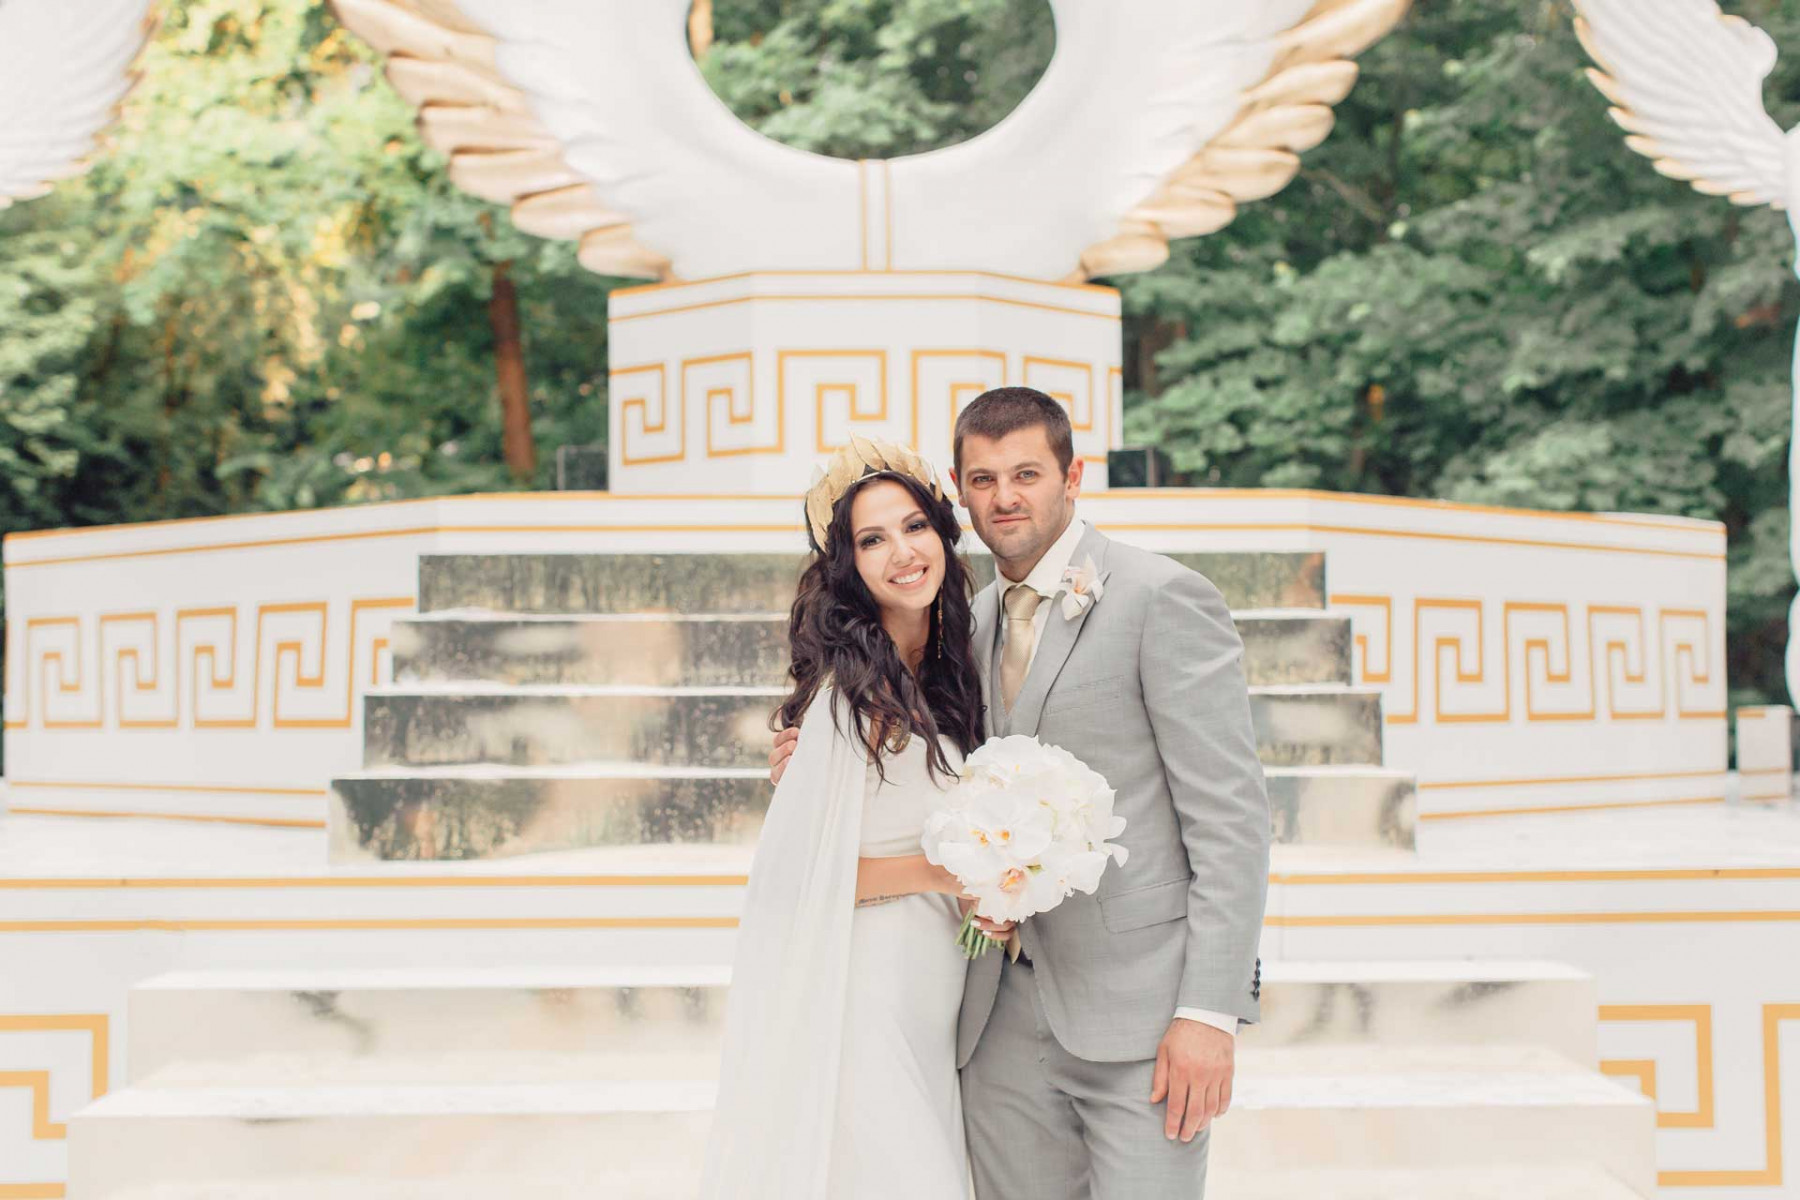 Свадьба хоккеиста Александра Радулова и гимнастки Дарьи